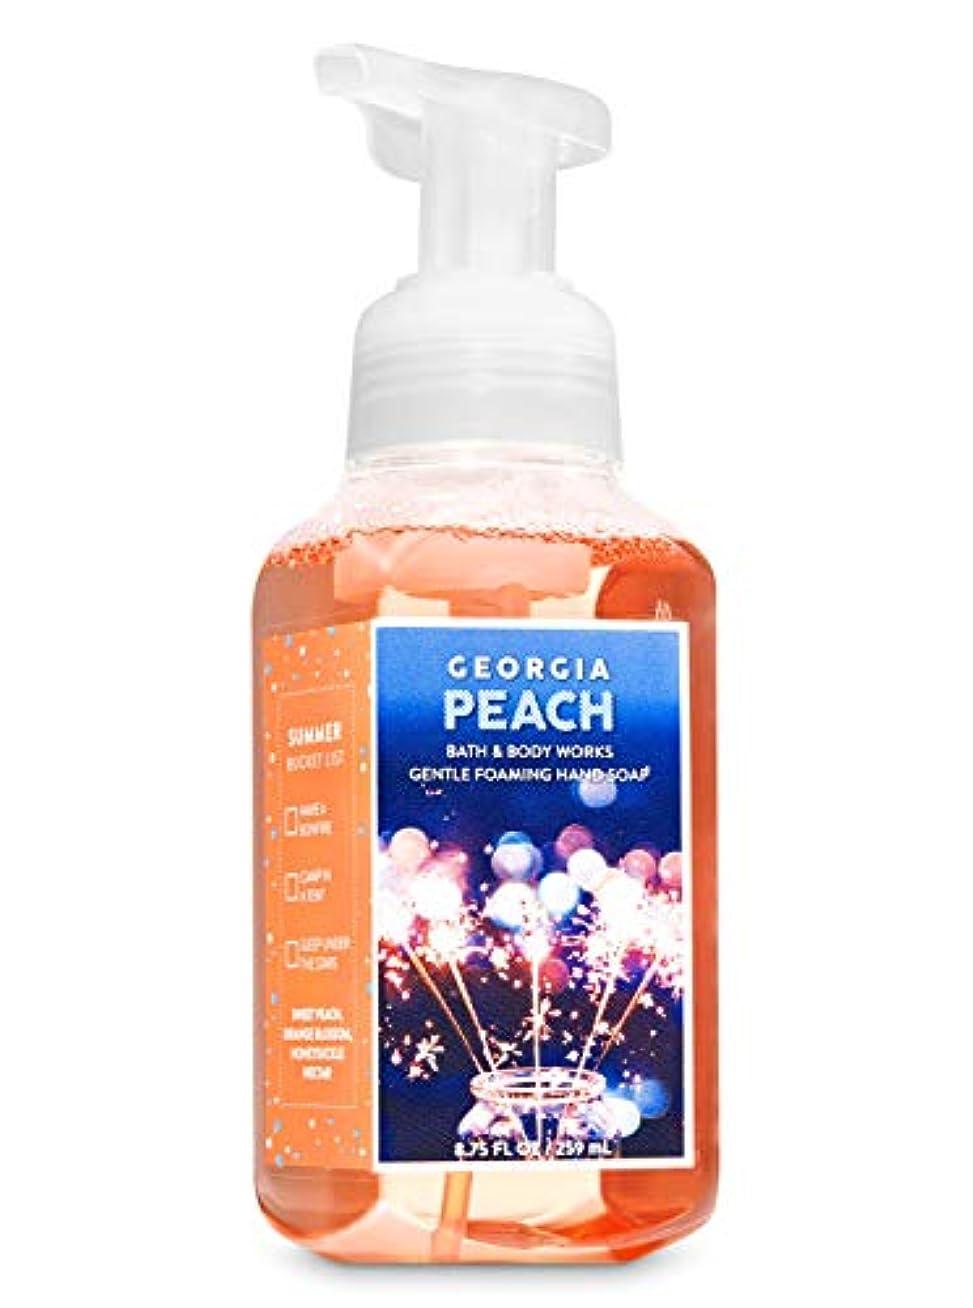 変換する何でもホステルバス&ボディワークス ジョージアピーチ ジェントル フォーミング ハンドソープ Georgia Peach Gentle Foaming Hand Soap